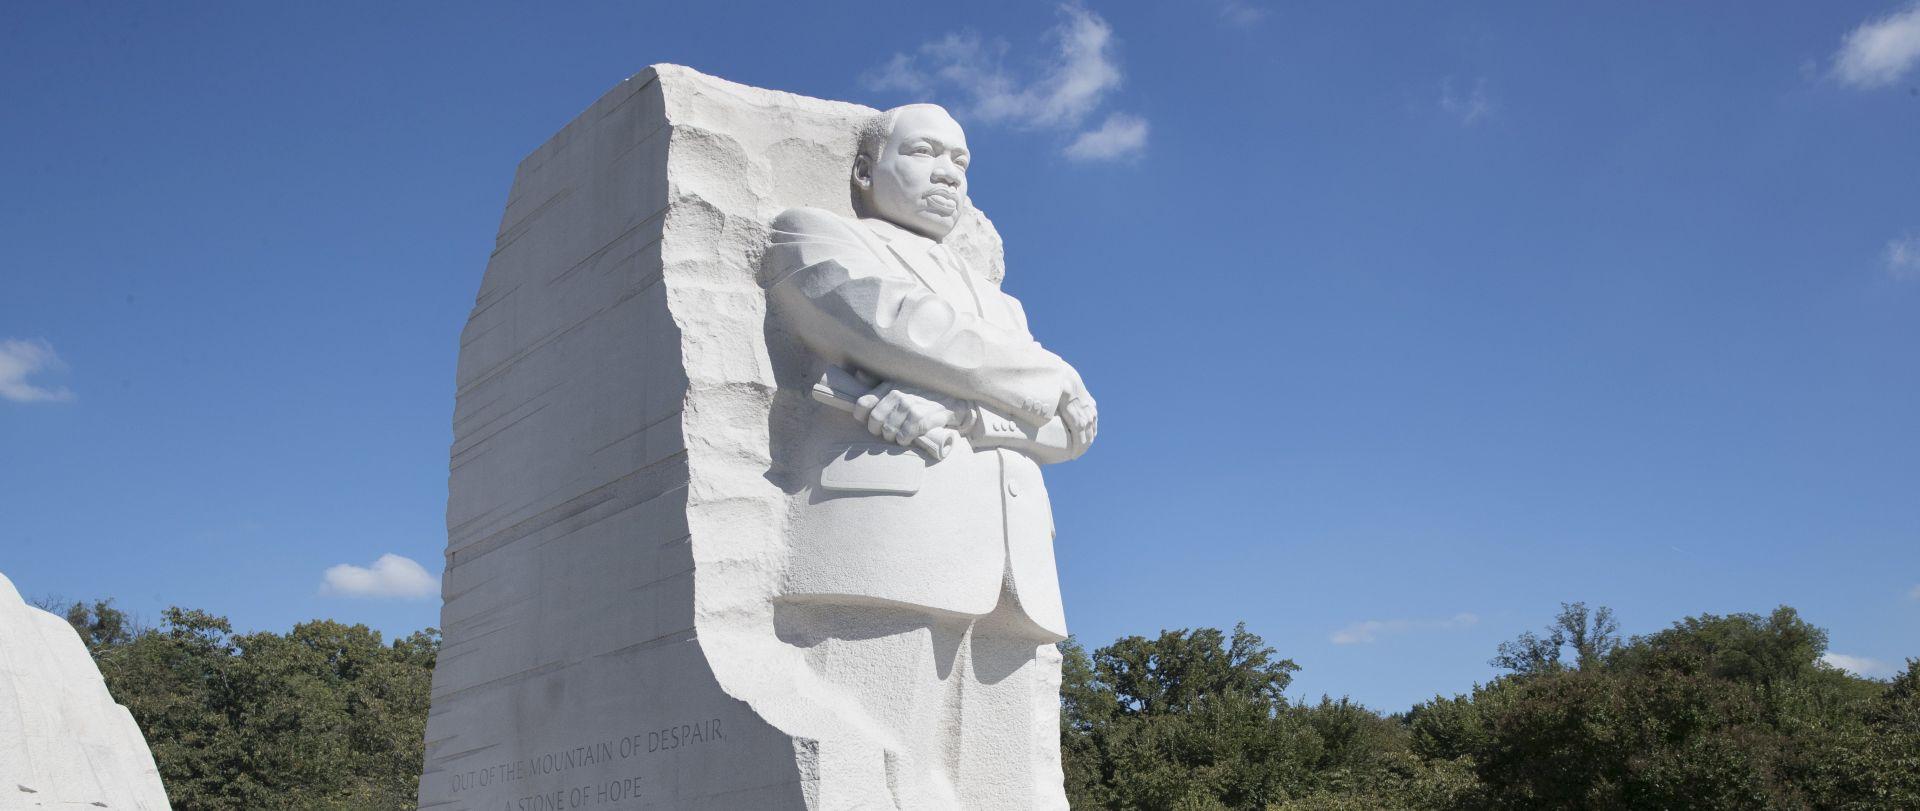 Amerika odaje počastu Martinu Lutheru Kingu 50 godina nakon smrti